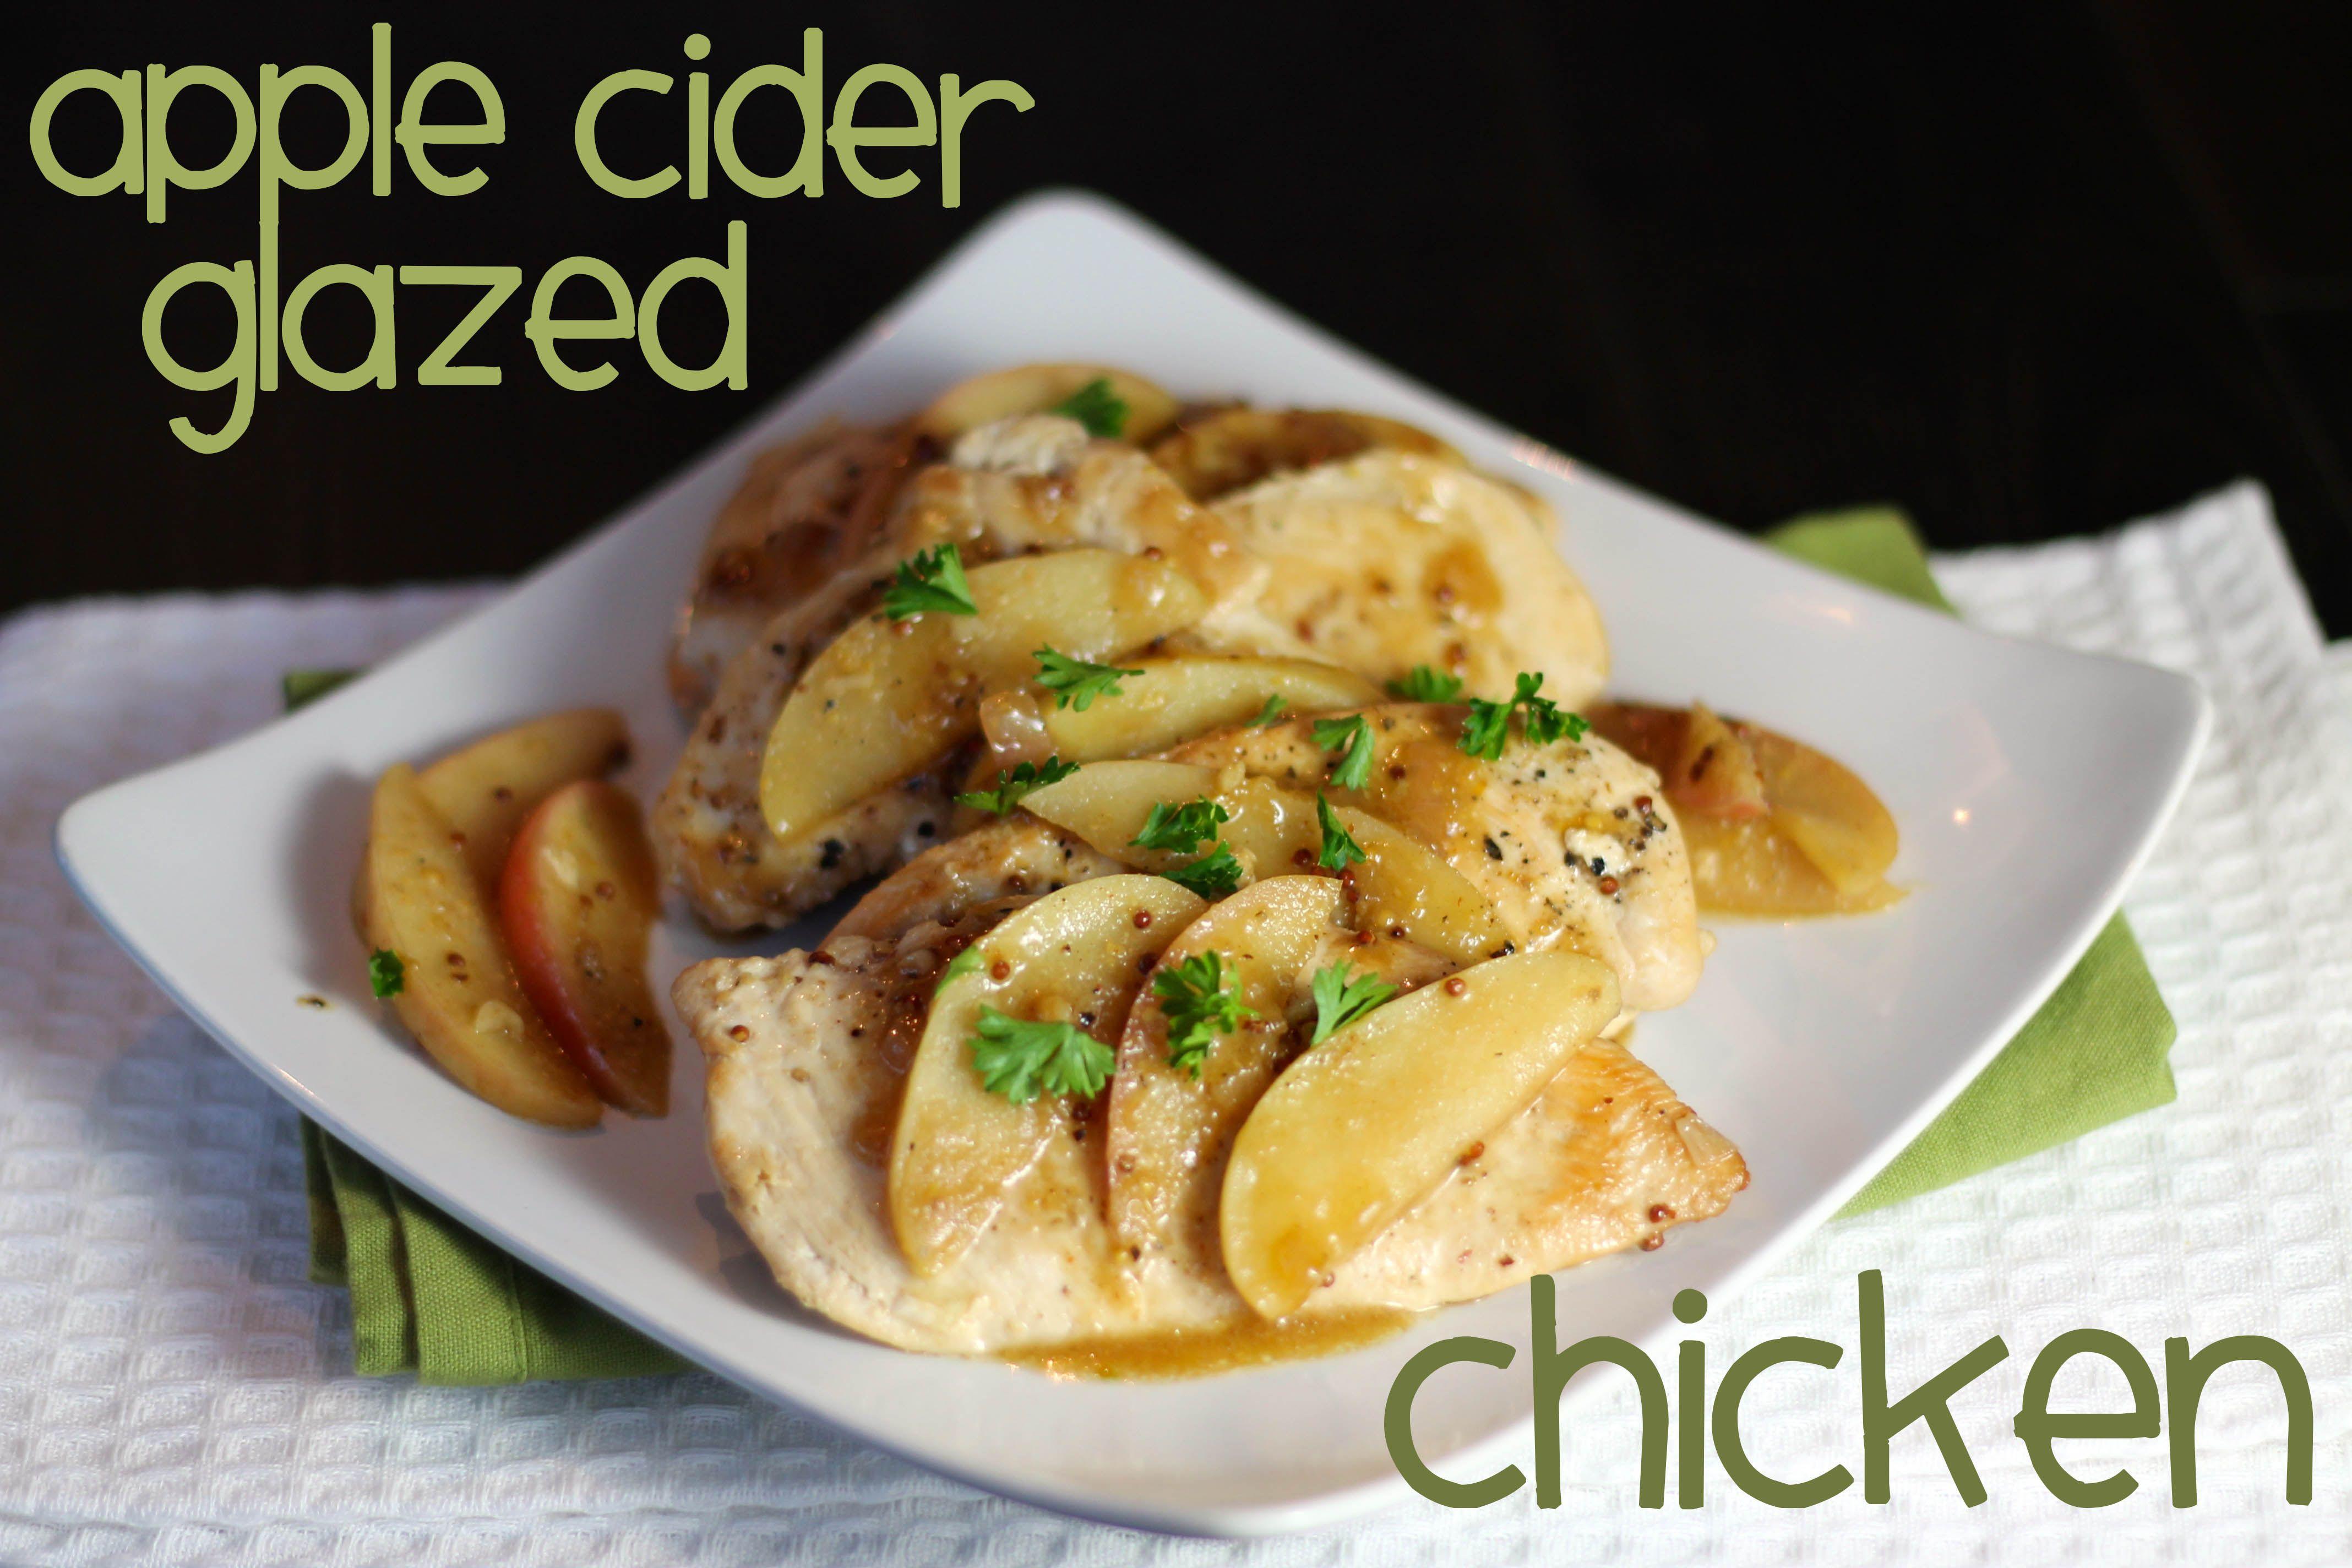 apple cider glazed chicken #appleciderchicken apple cider glazed chicken #appleciderchicken